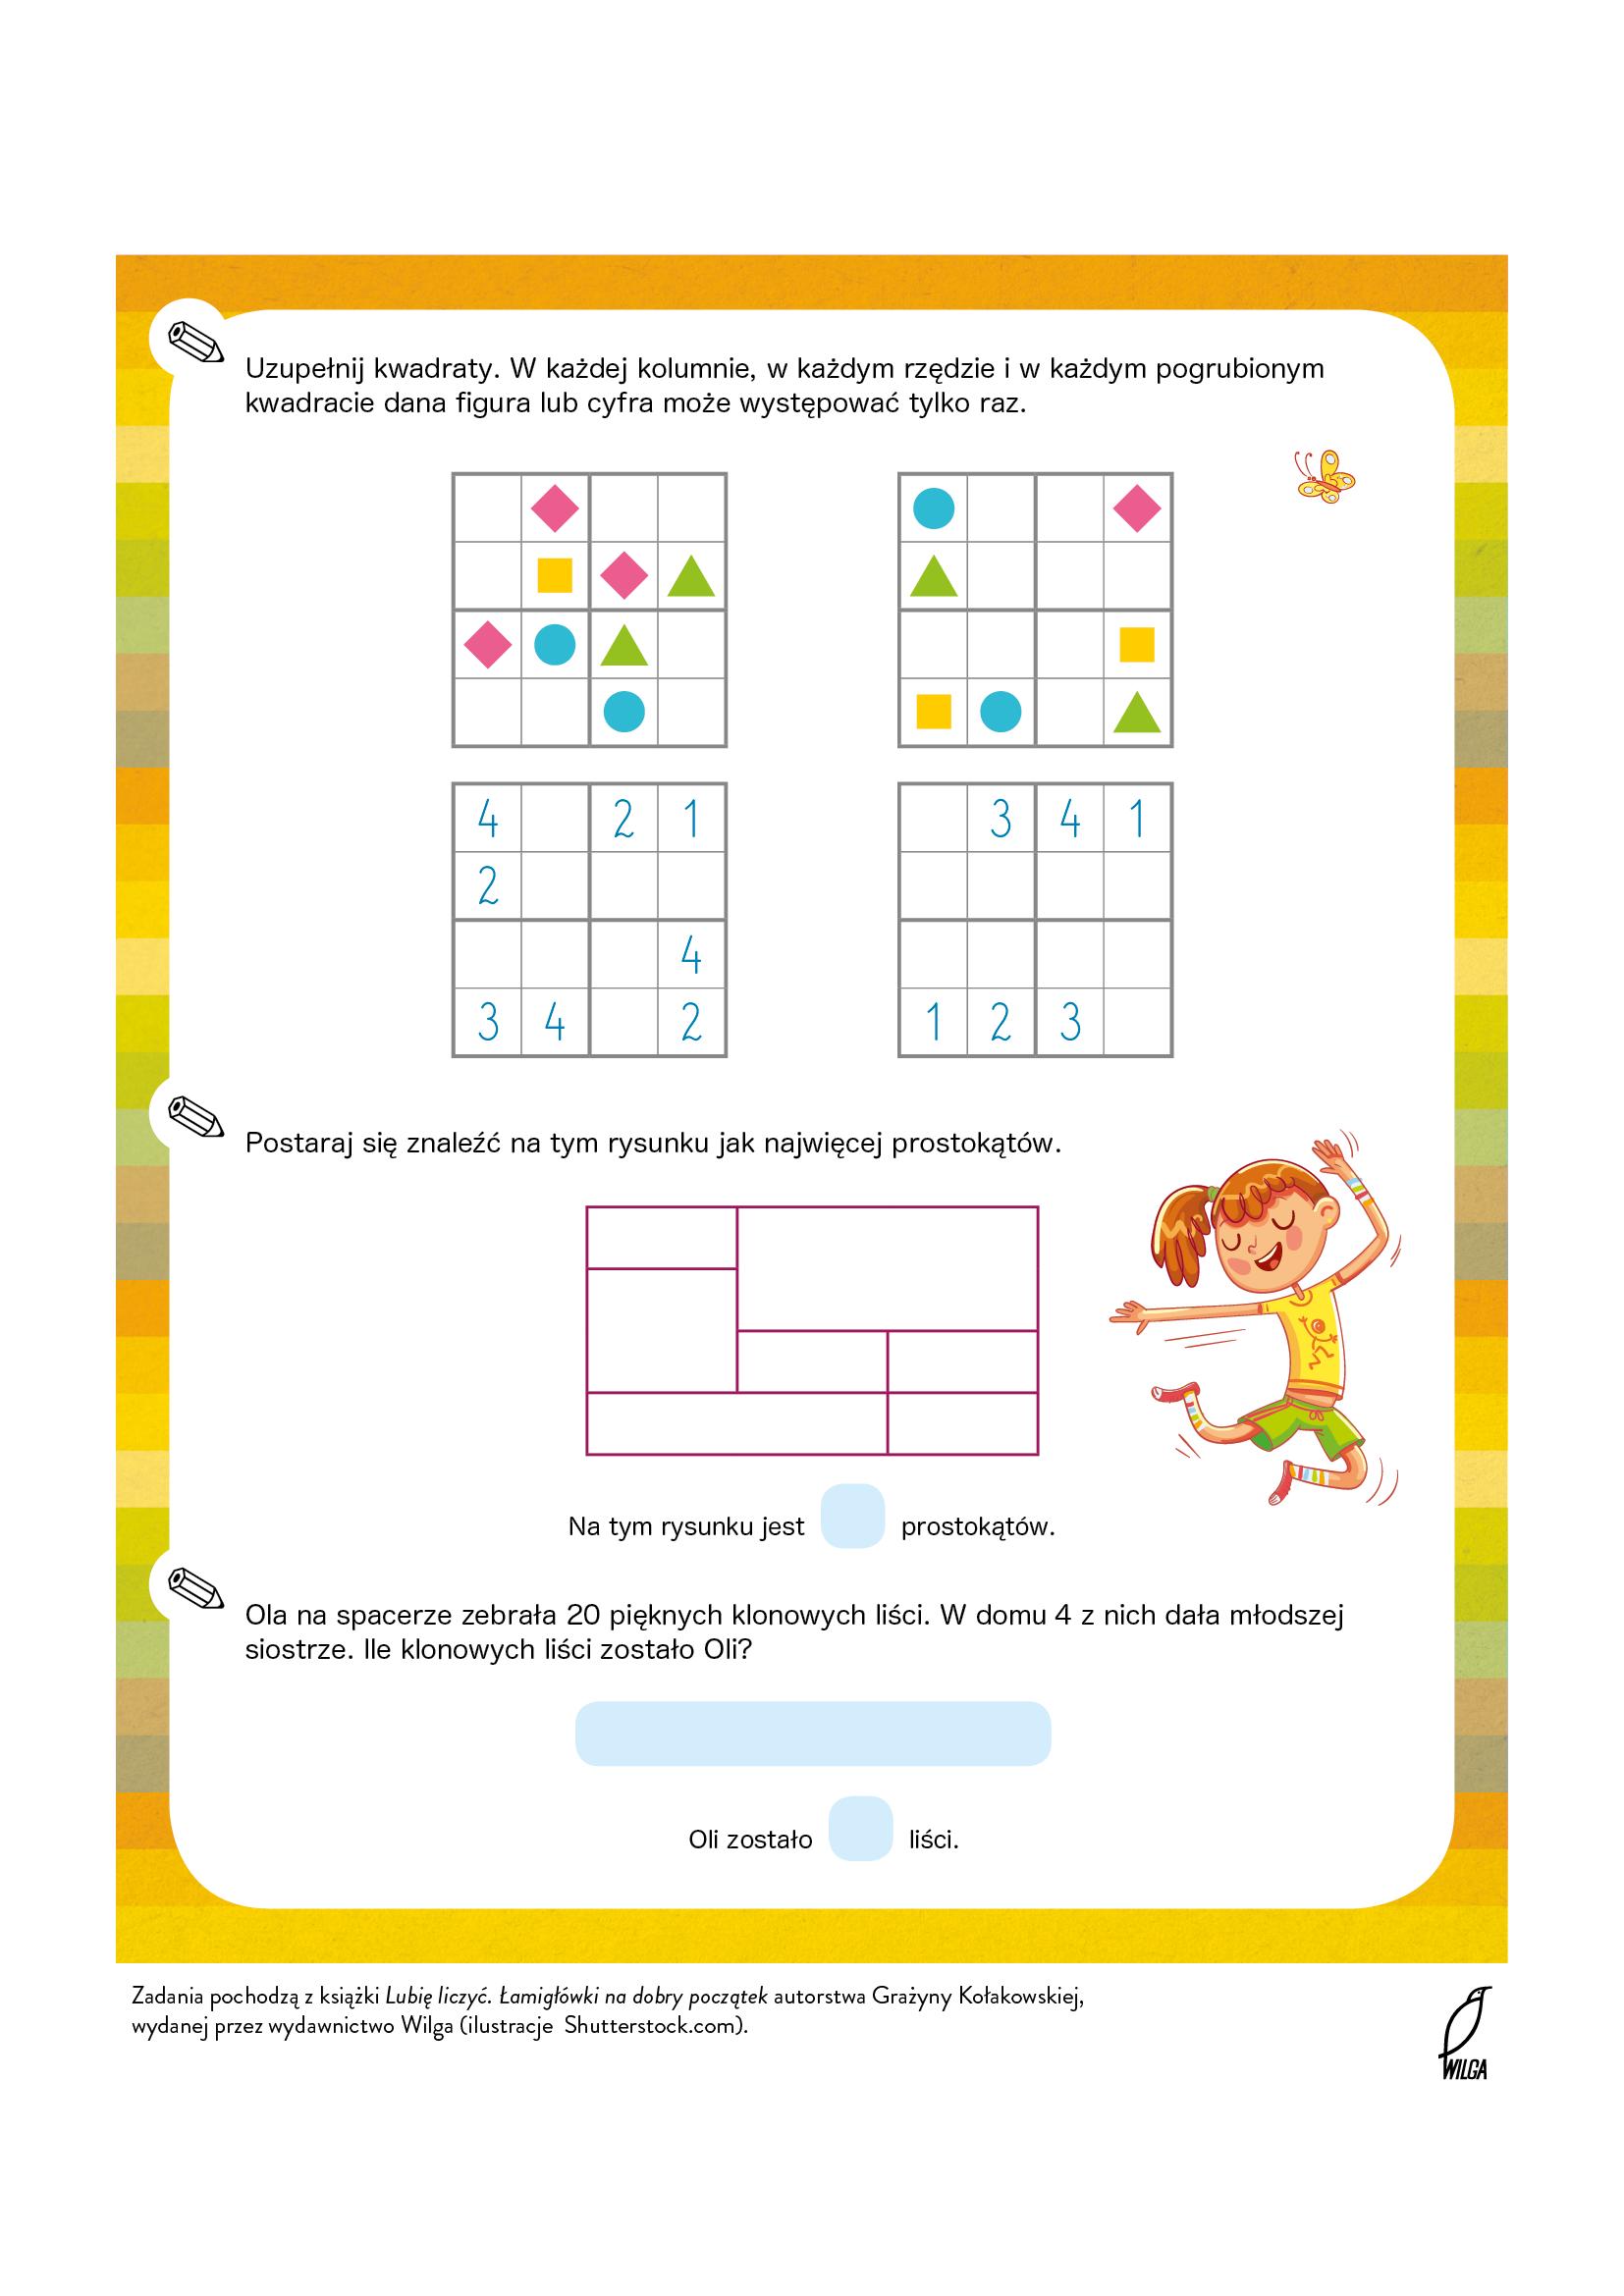 Karta pracy do pobrania z zadaniami matematycznymi dla dzieci. Bezpłatne materiały edukacyjne